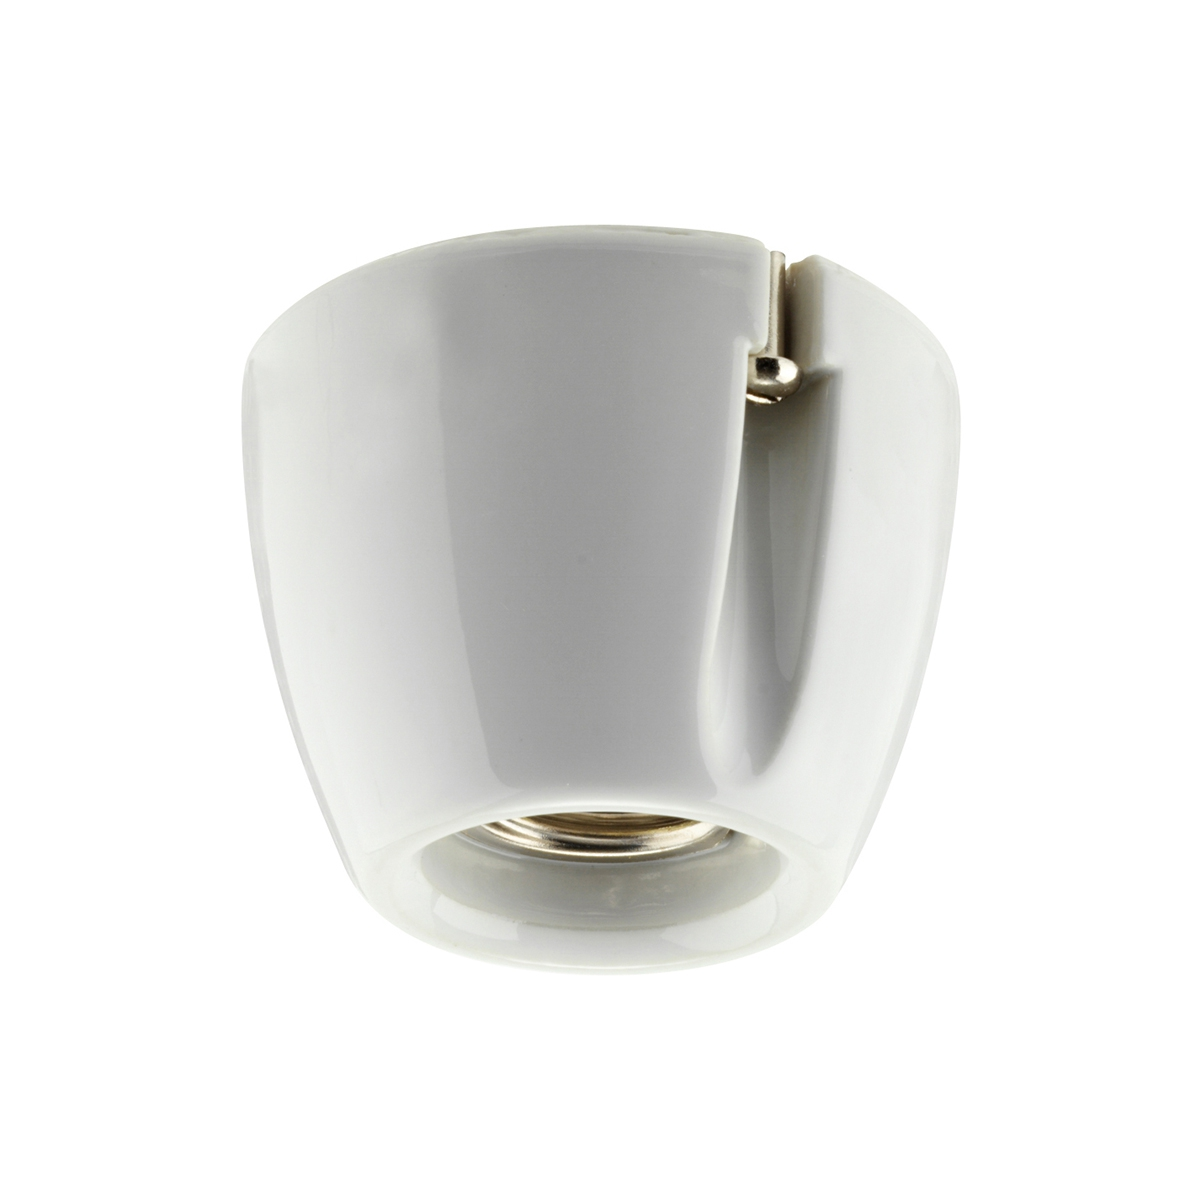 schlichte und elegante fassungsspots als aufputz spots f r wand und decke. Black Bedroom Furniture Sets. Home Design Ideas